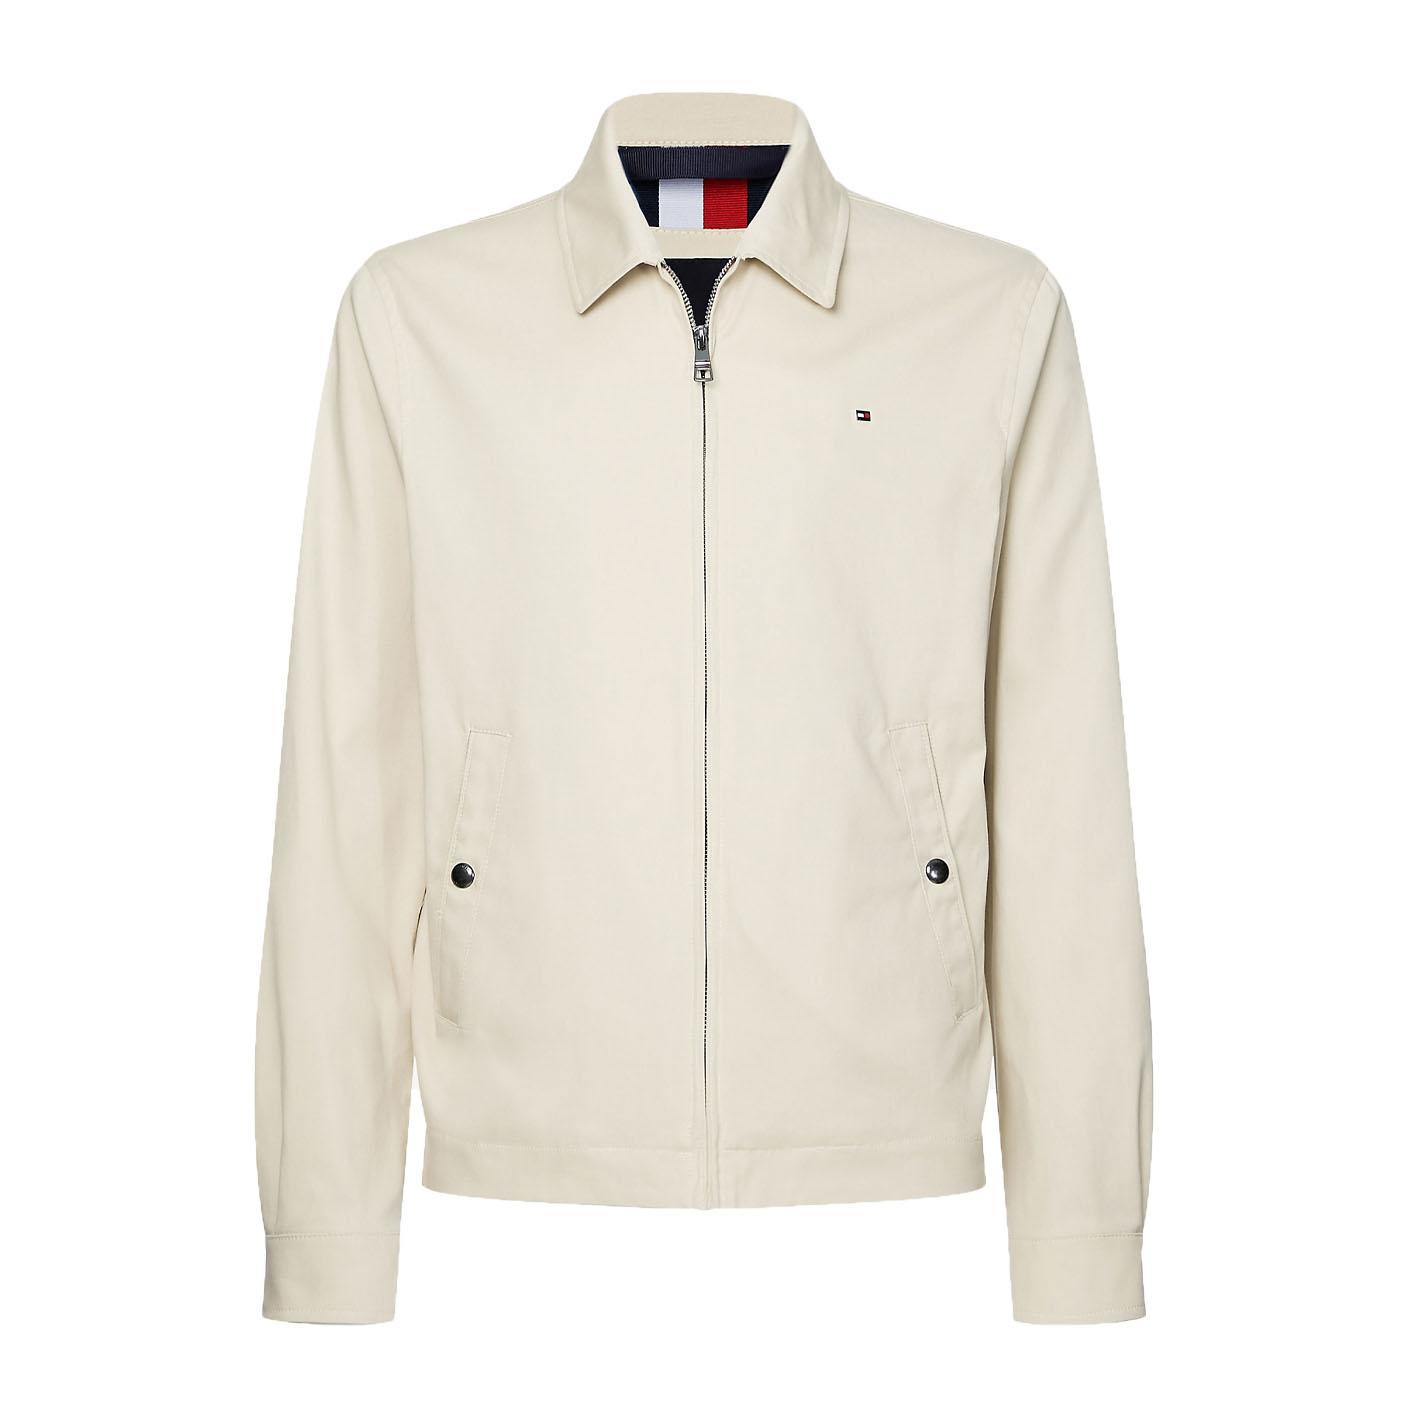 Tommy Hilfiger Lightweight Cotton Flex Ivy Jacket